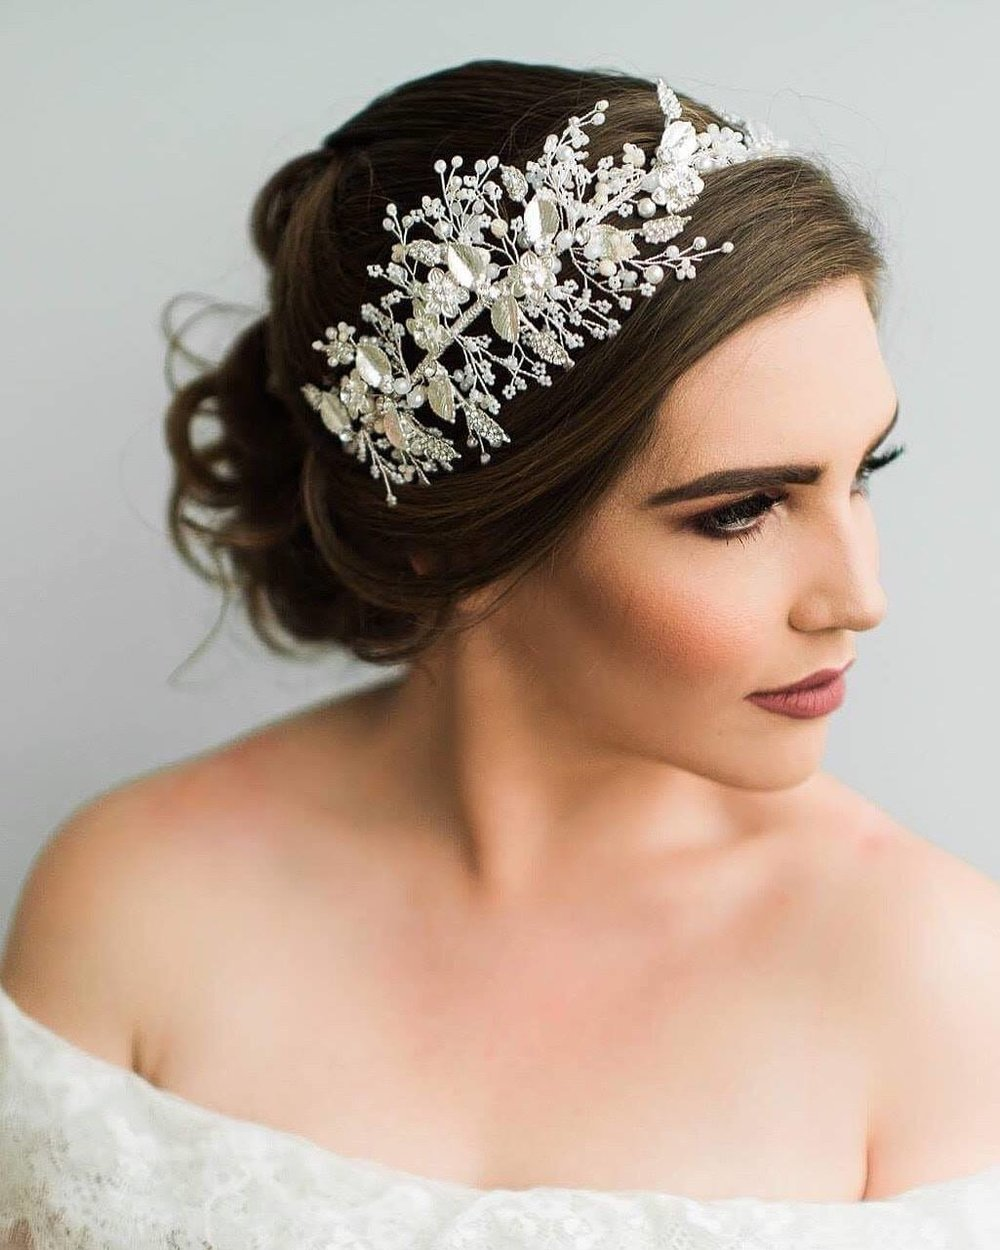 d7435997c TOCADOS PARA NOVIA. El tocado de novia es uno de los accesorios must para  complementar tu outfit ...